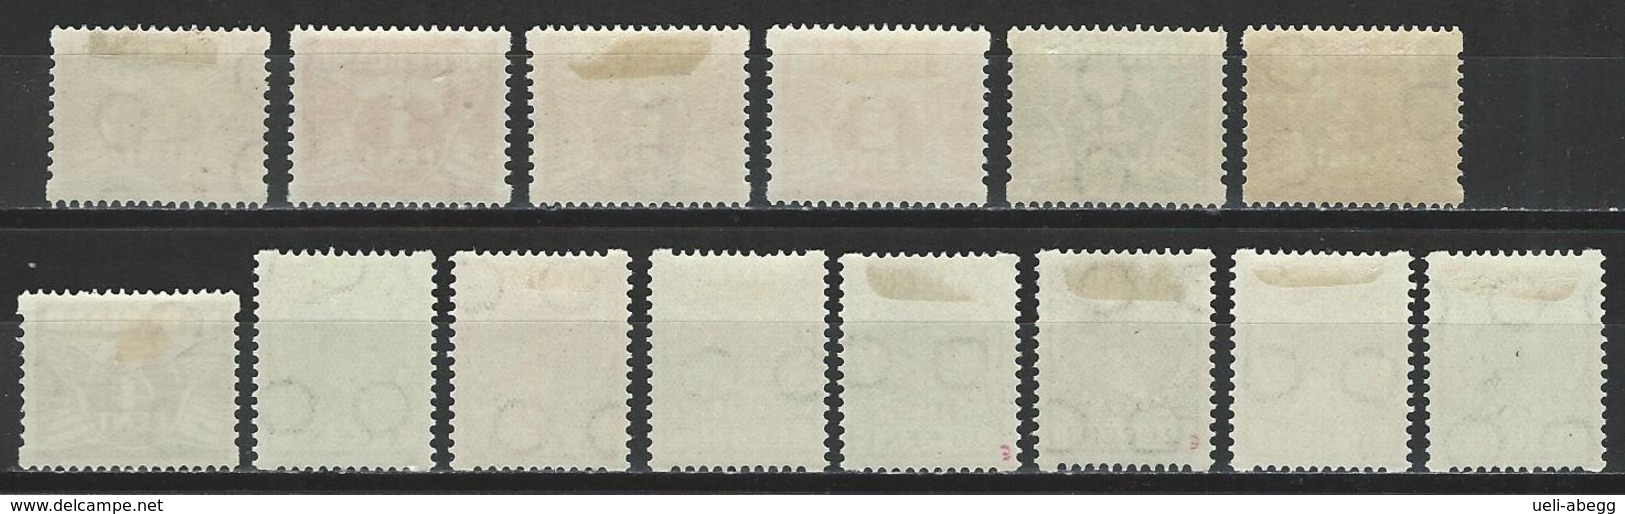 Niederlande NVPH R57-70, Mi 171-77, 178-91, 222, 240D  * MH - Carnets